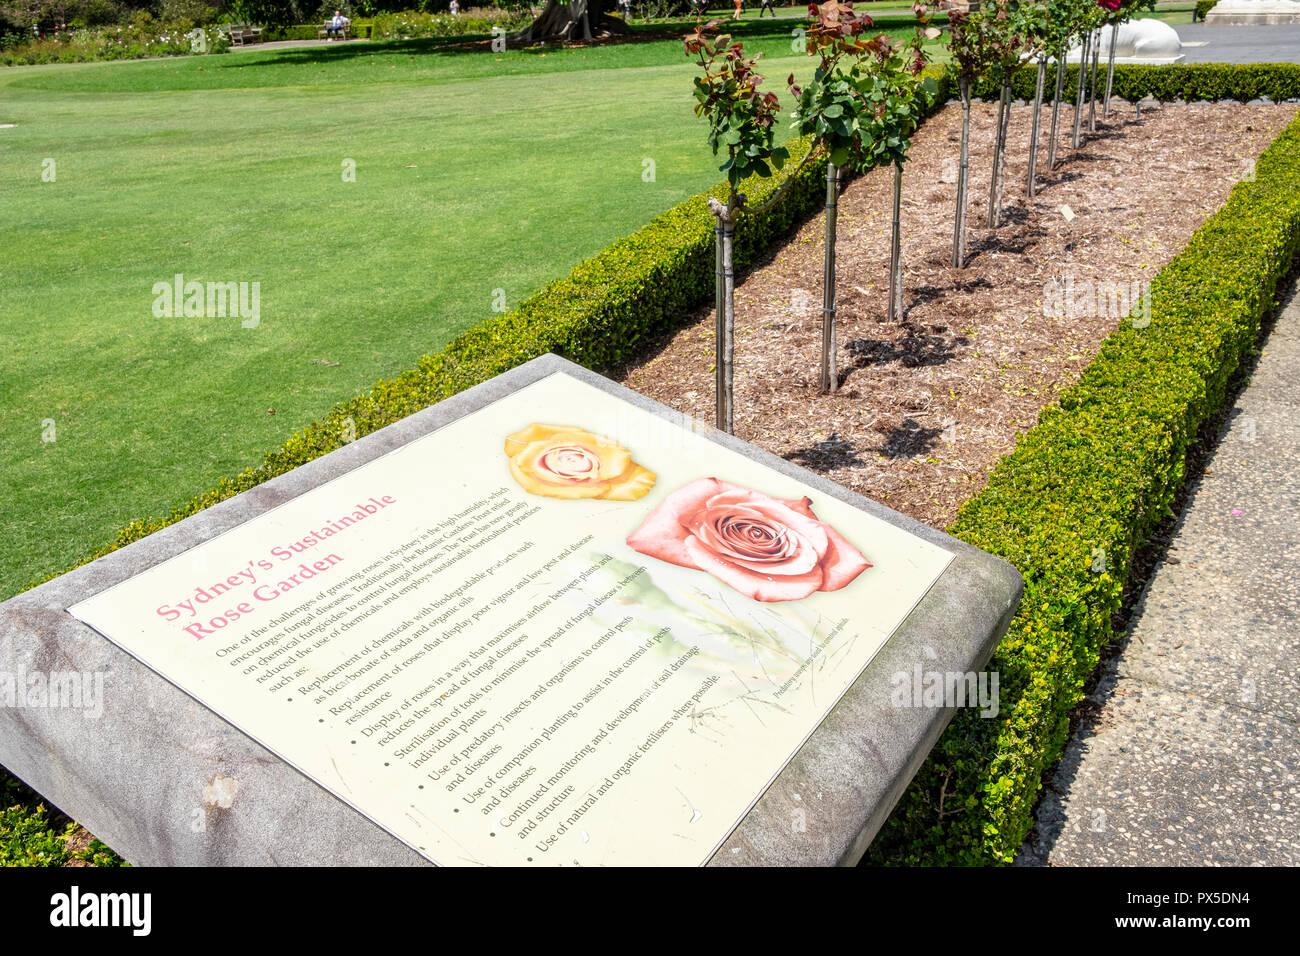 Rose garden in Royal Botanic Gardens in Sydney city centre,Australia - Stock Image